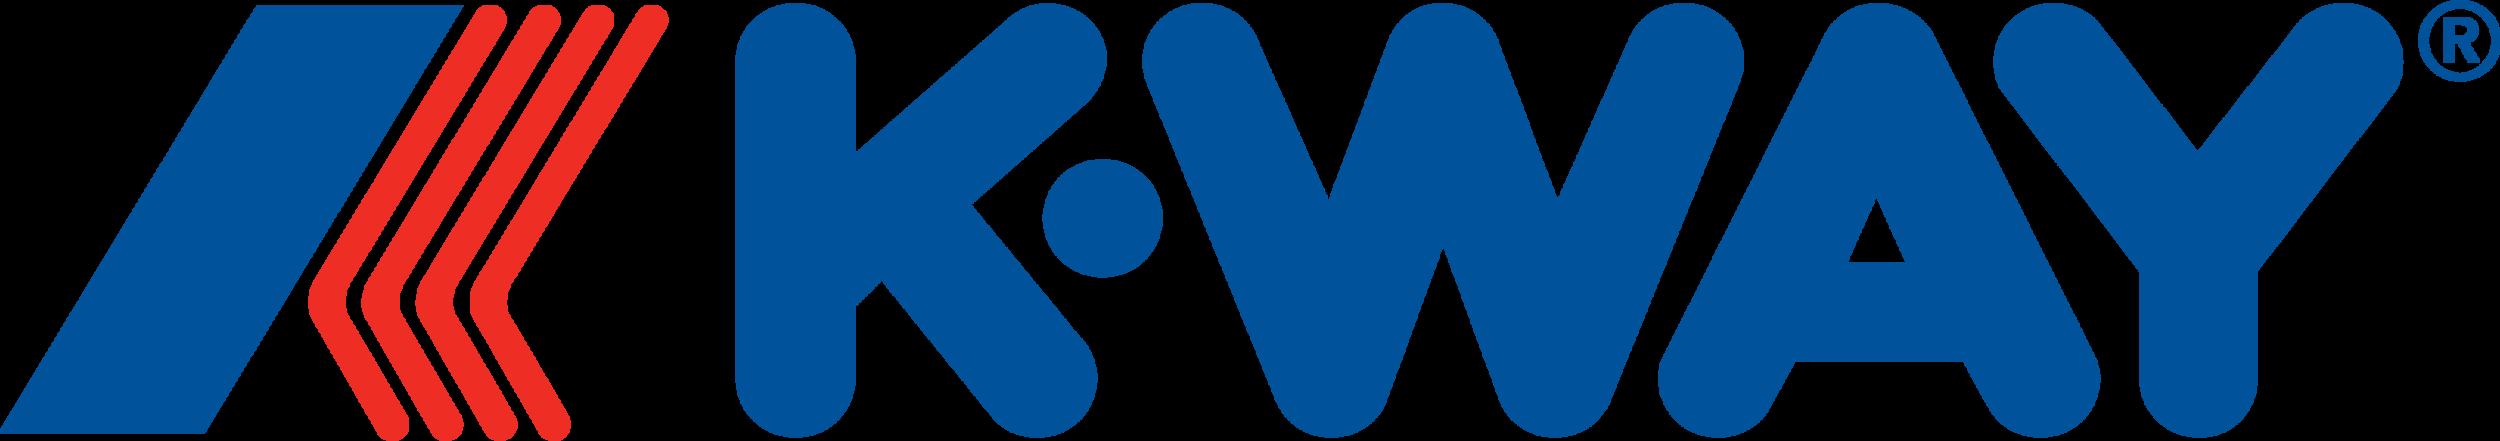 K-Way_logo.png